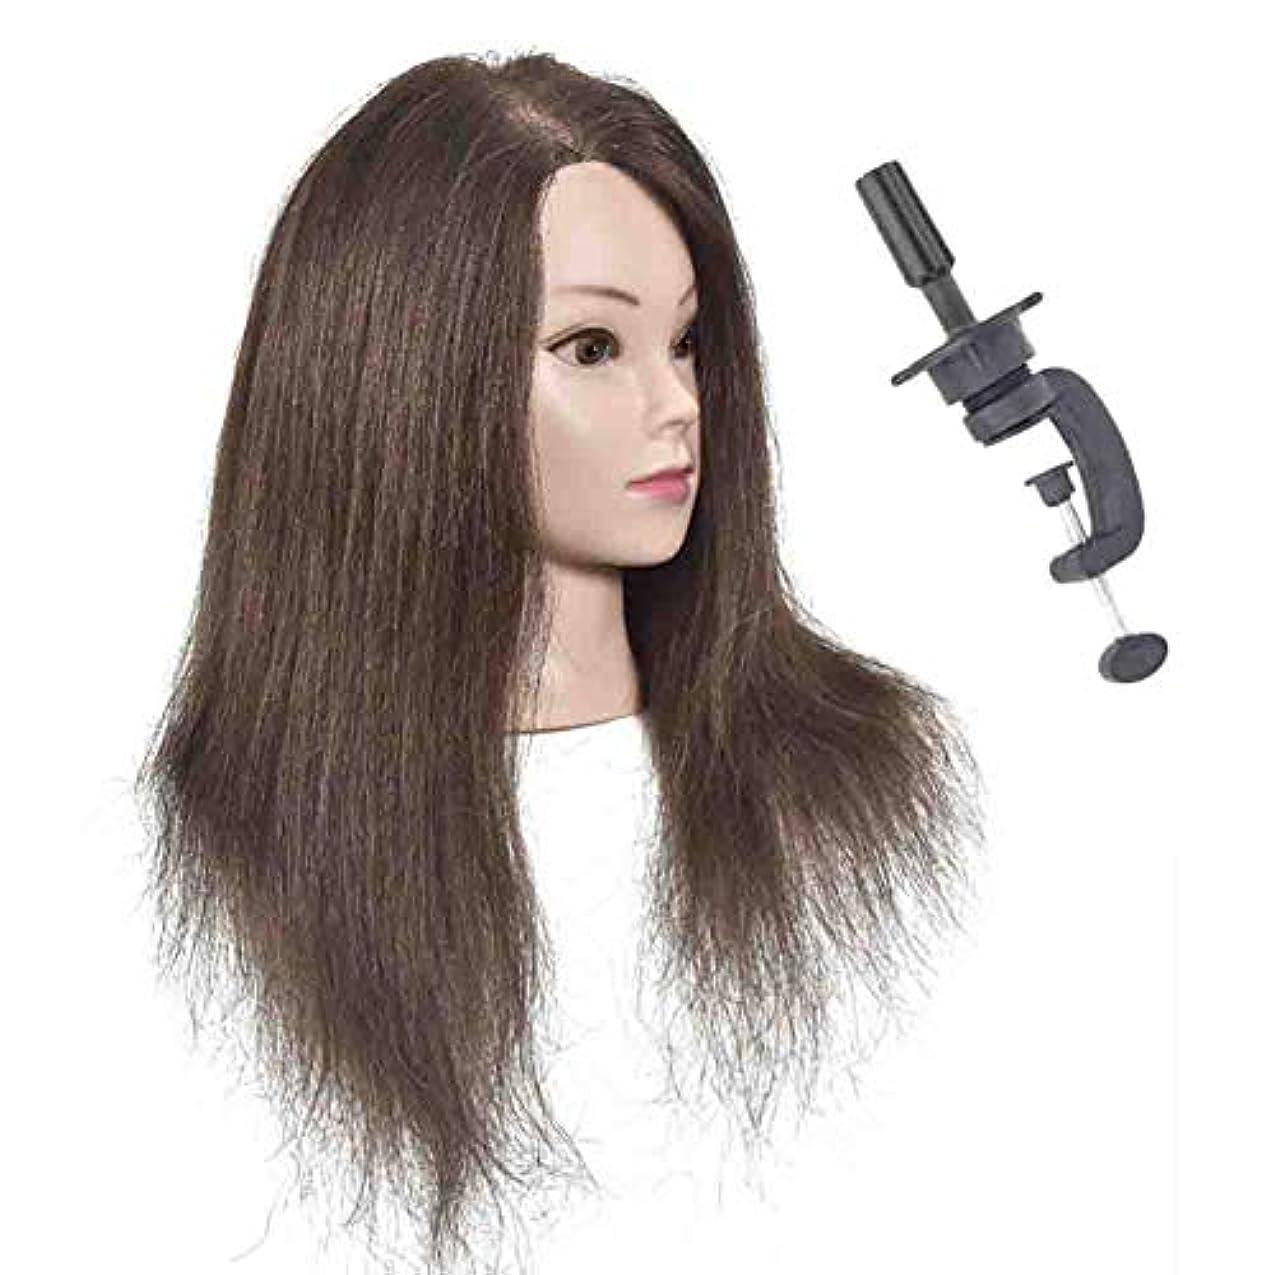 調停する市の中心部晩ごはんリアルヘアワイヤーヘアティーチングヘッドパーマヘアウィービングヘアモデルヘアダイイング理髪ダミーヘッドモデル